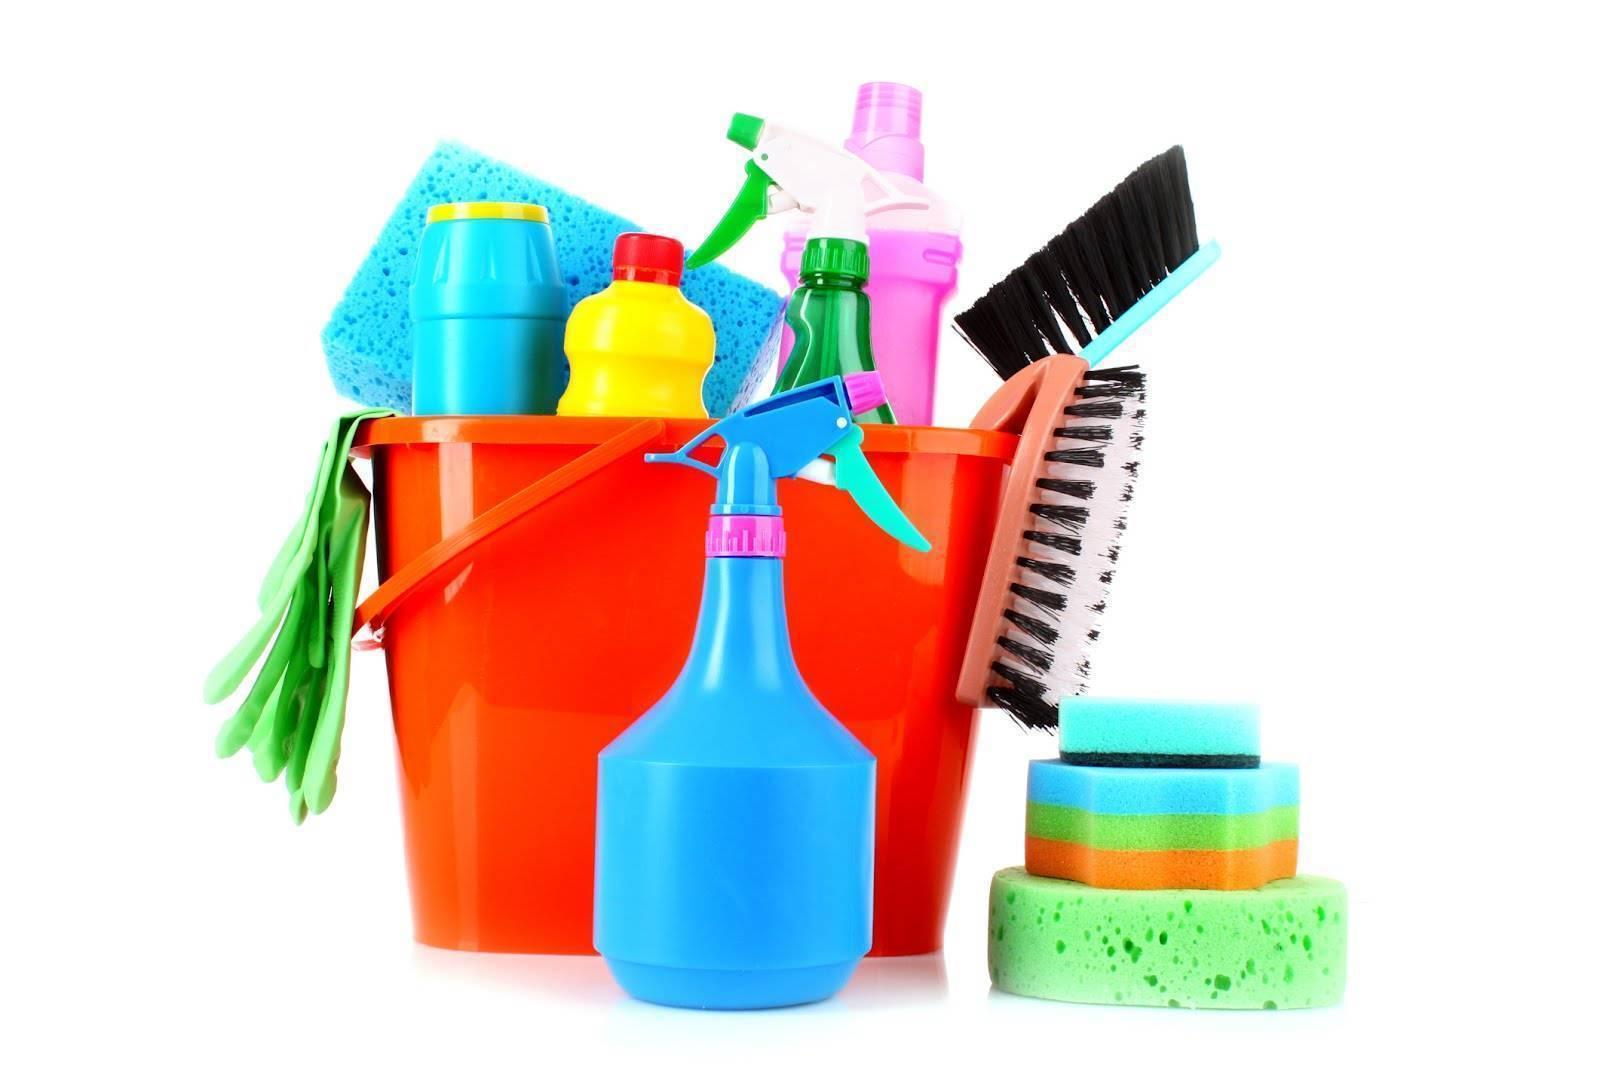 Servicios de limpieza valencia limpiezas ventura for Empresas de limpieza en valencia que necesiten personal